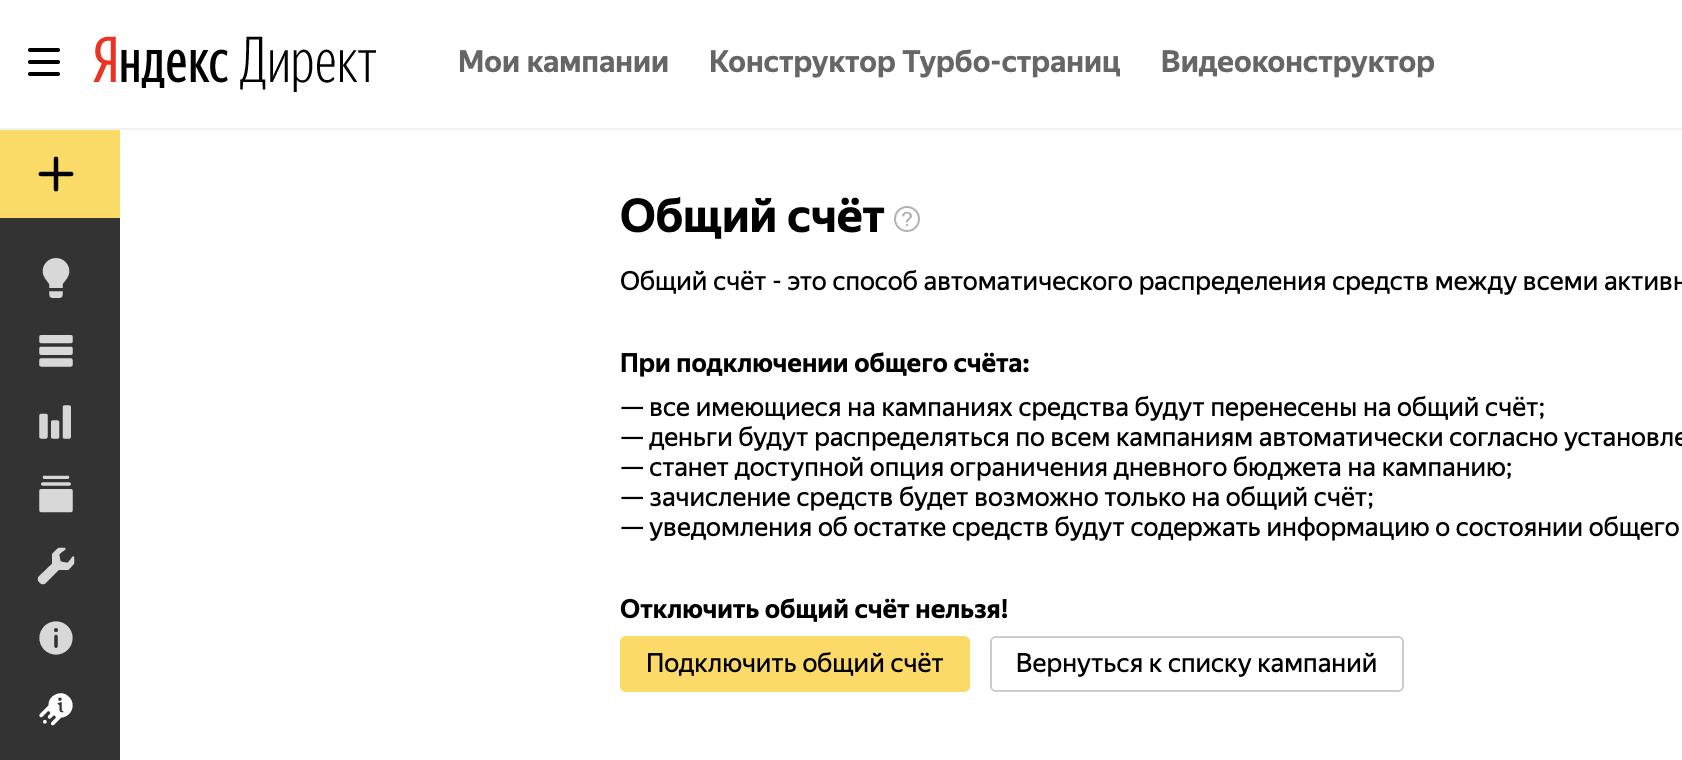 Общий счет в новом интерфейсе Яндекс Директ